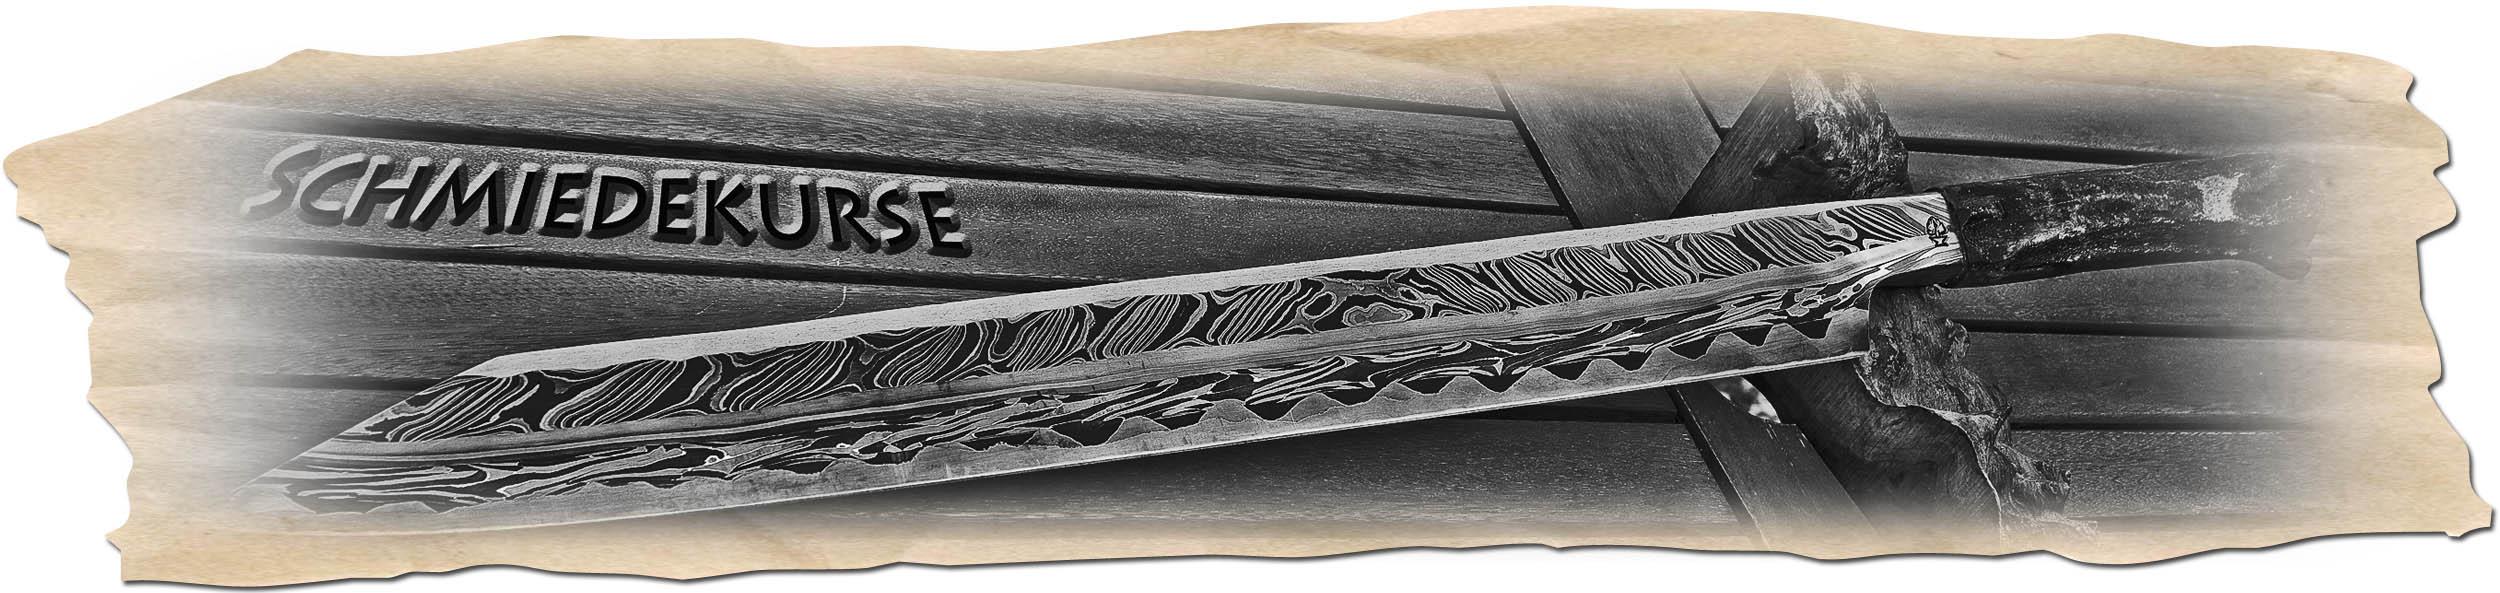 Lindenschmiede Damastsax schmiedekurse2500 x 600 vintage 2